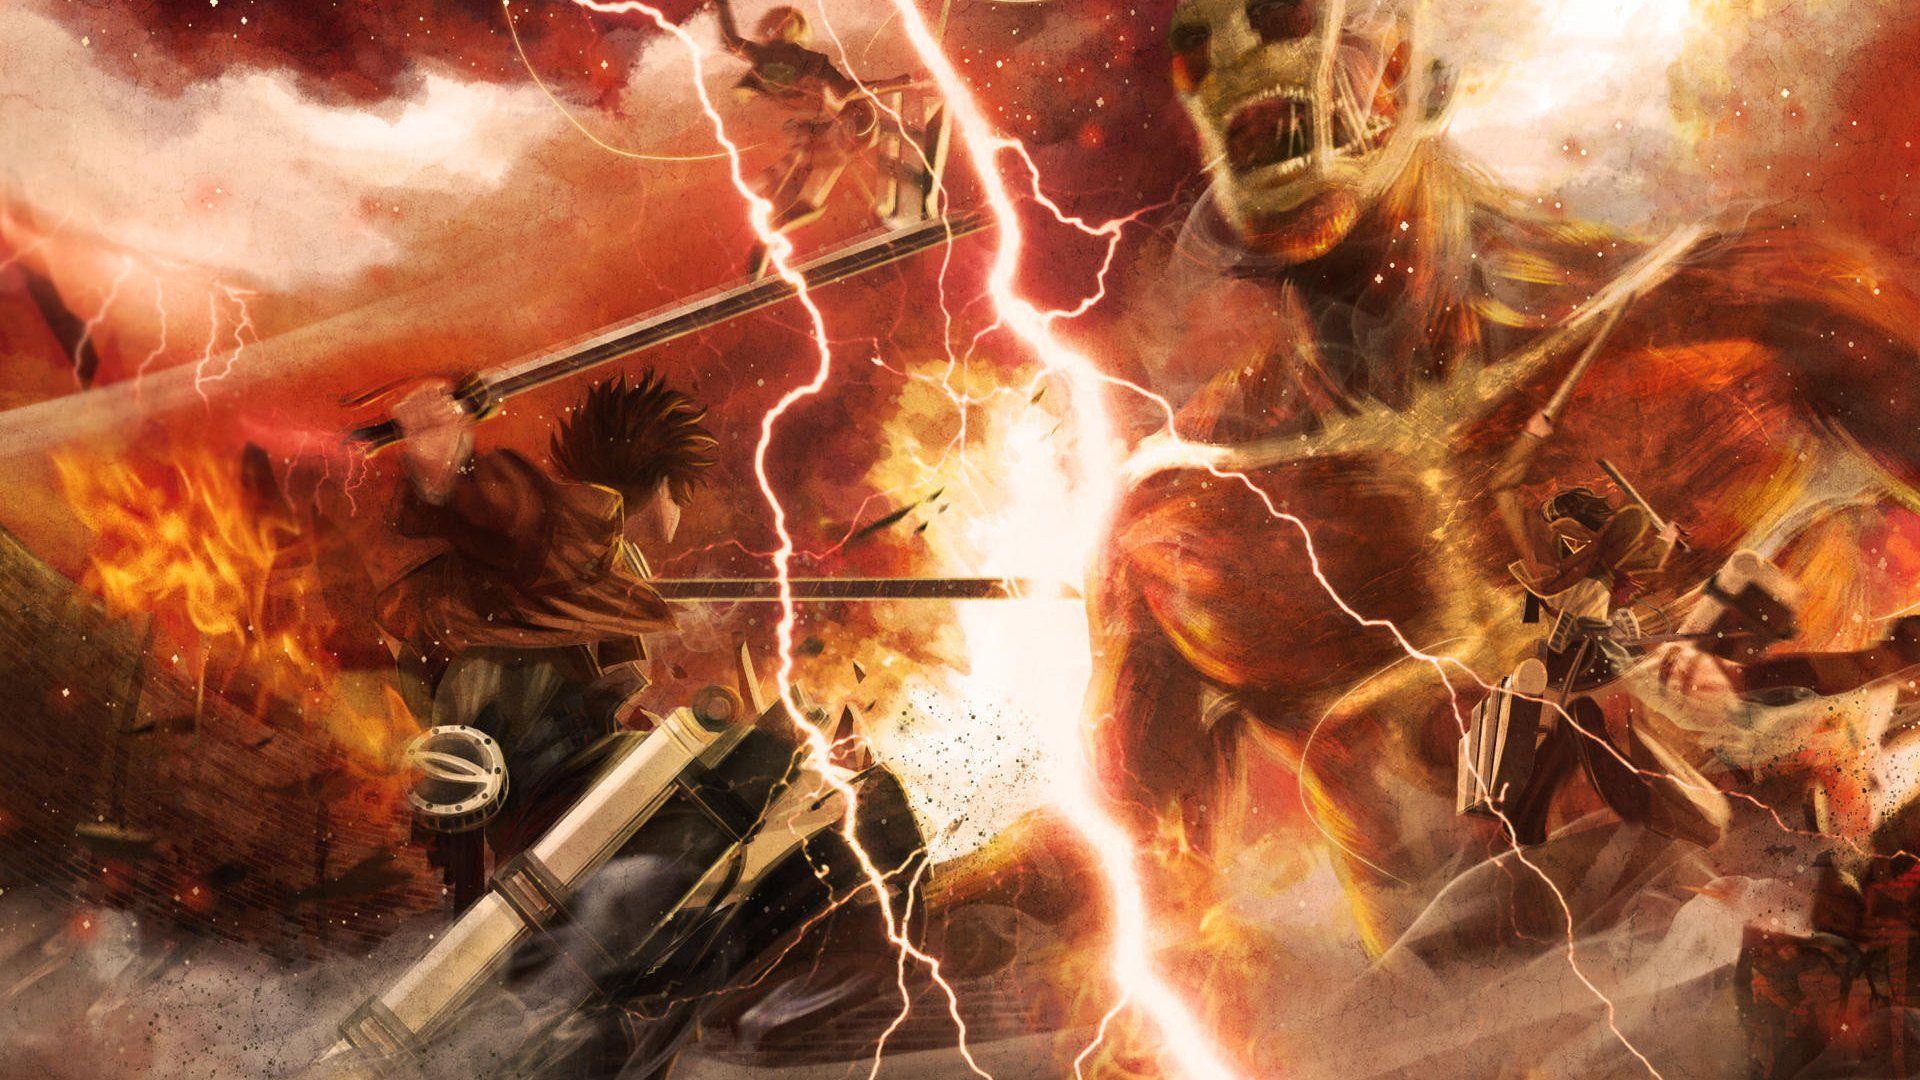 Wallpaper für Attack on Titan für Topliste Top 5 Animes für Einsteiger